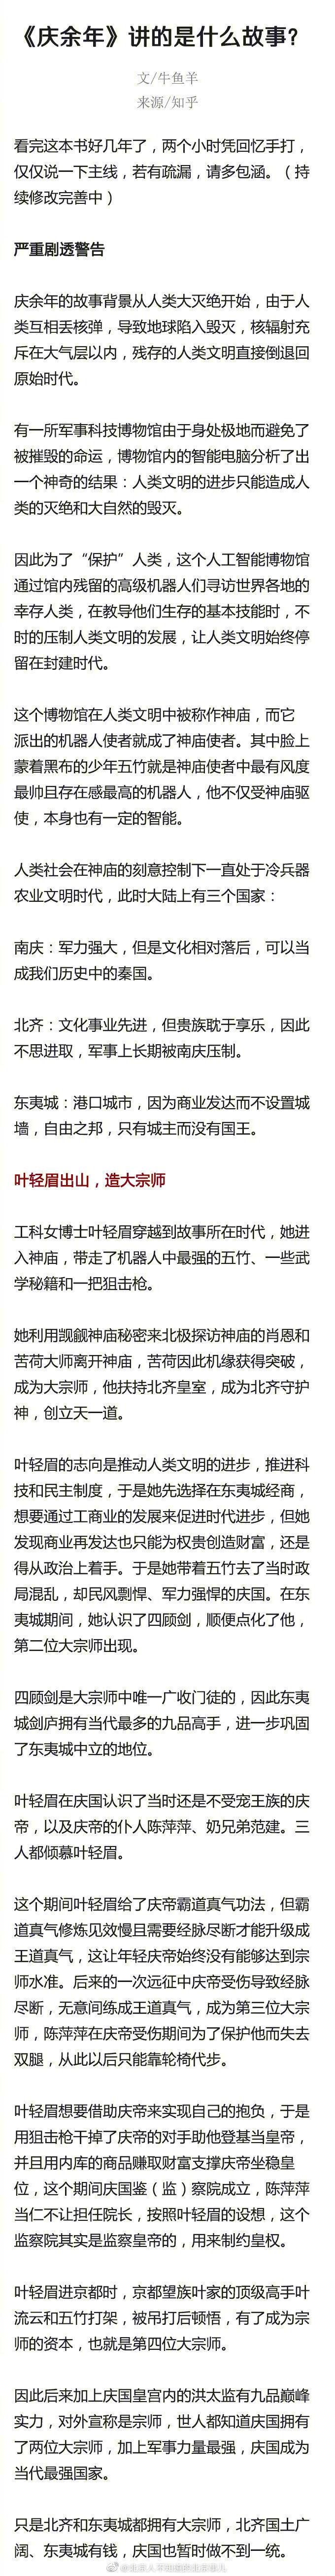 《庆余年》第二季剧本筹备中 剧透《庆余年》讲的是什么故事? liuliushe.net六六社 第4张